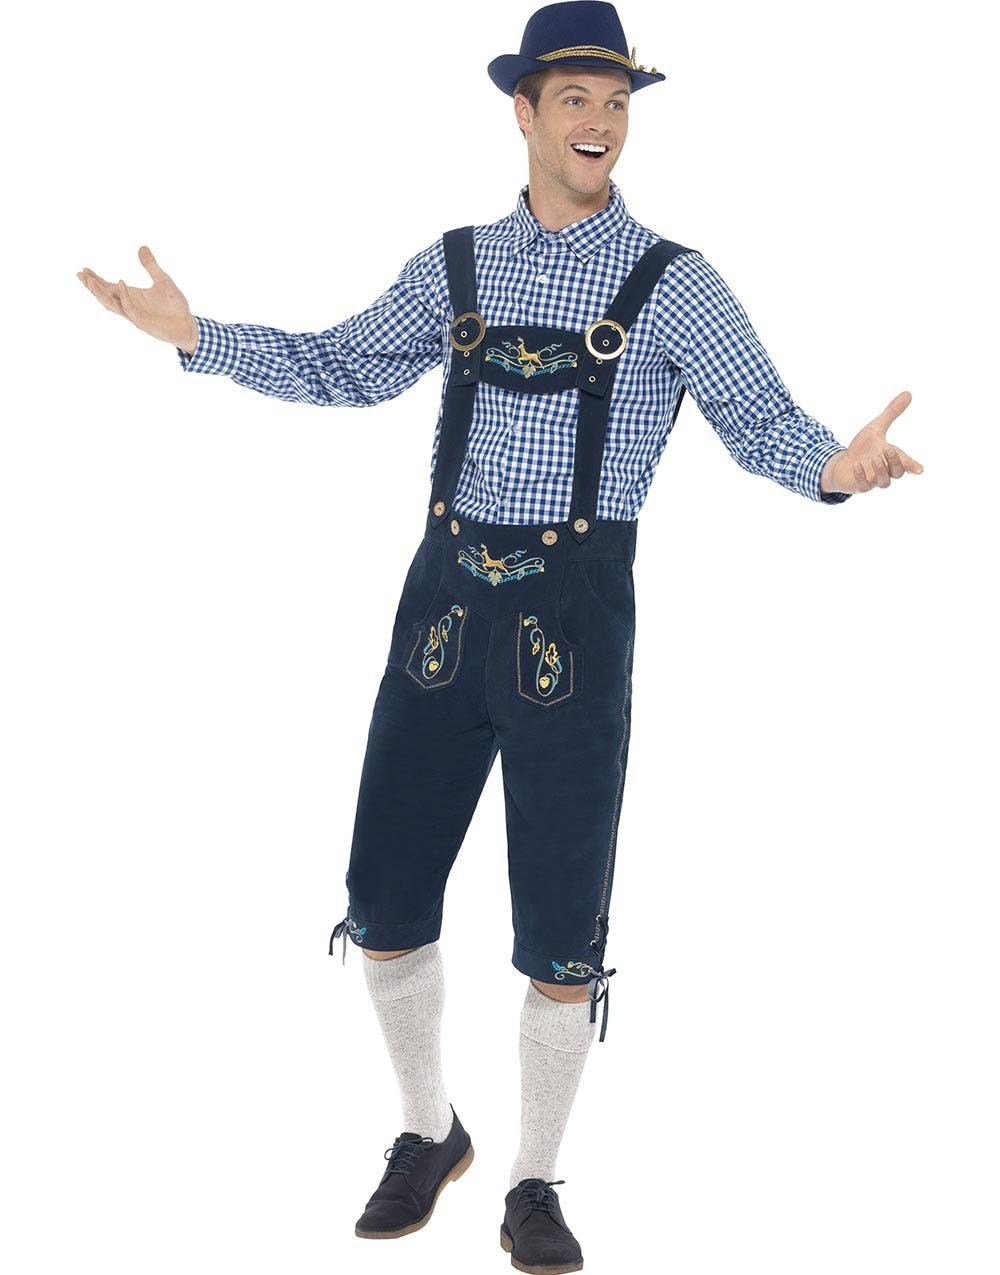 Traditionelle Oktoberfest Lederhosen Kostume Mænd